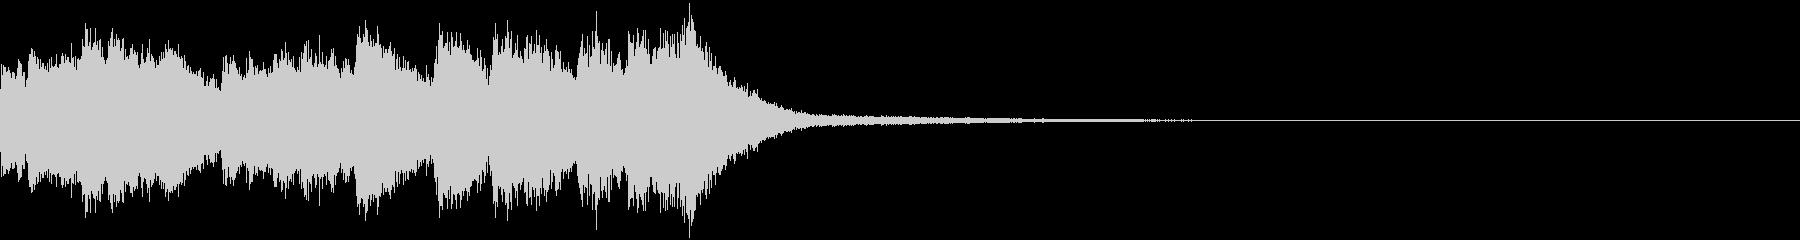 ファンファーレ キラキラ  紹介 25の未再生の波形